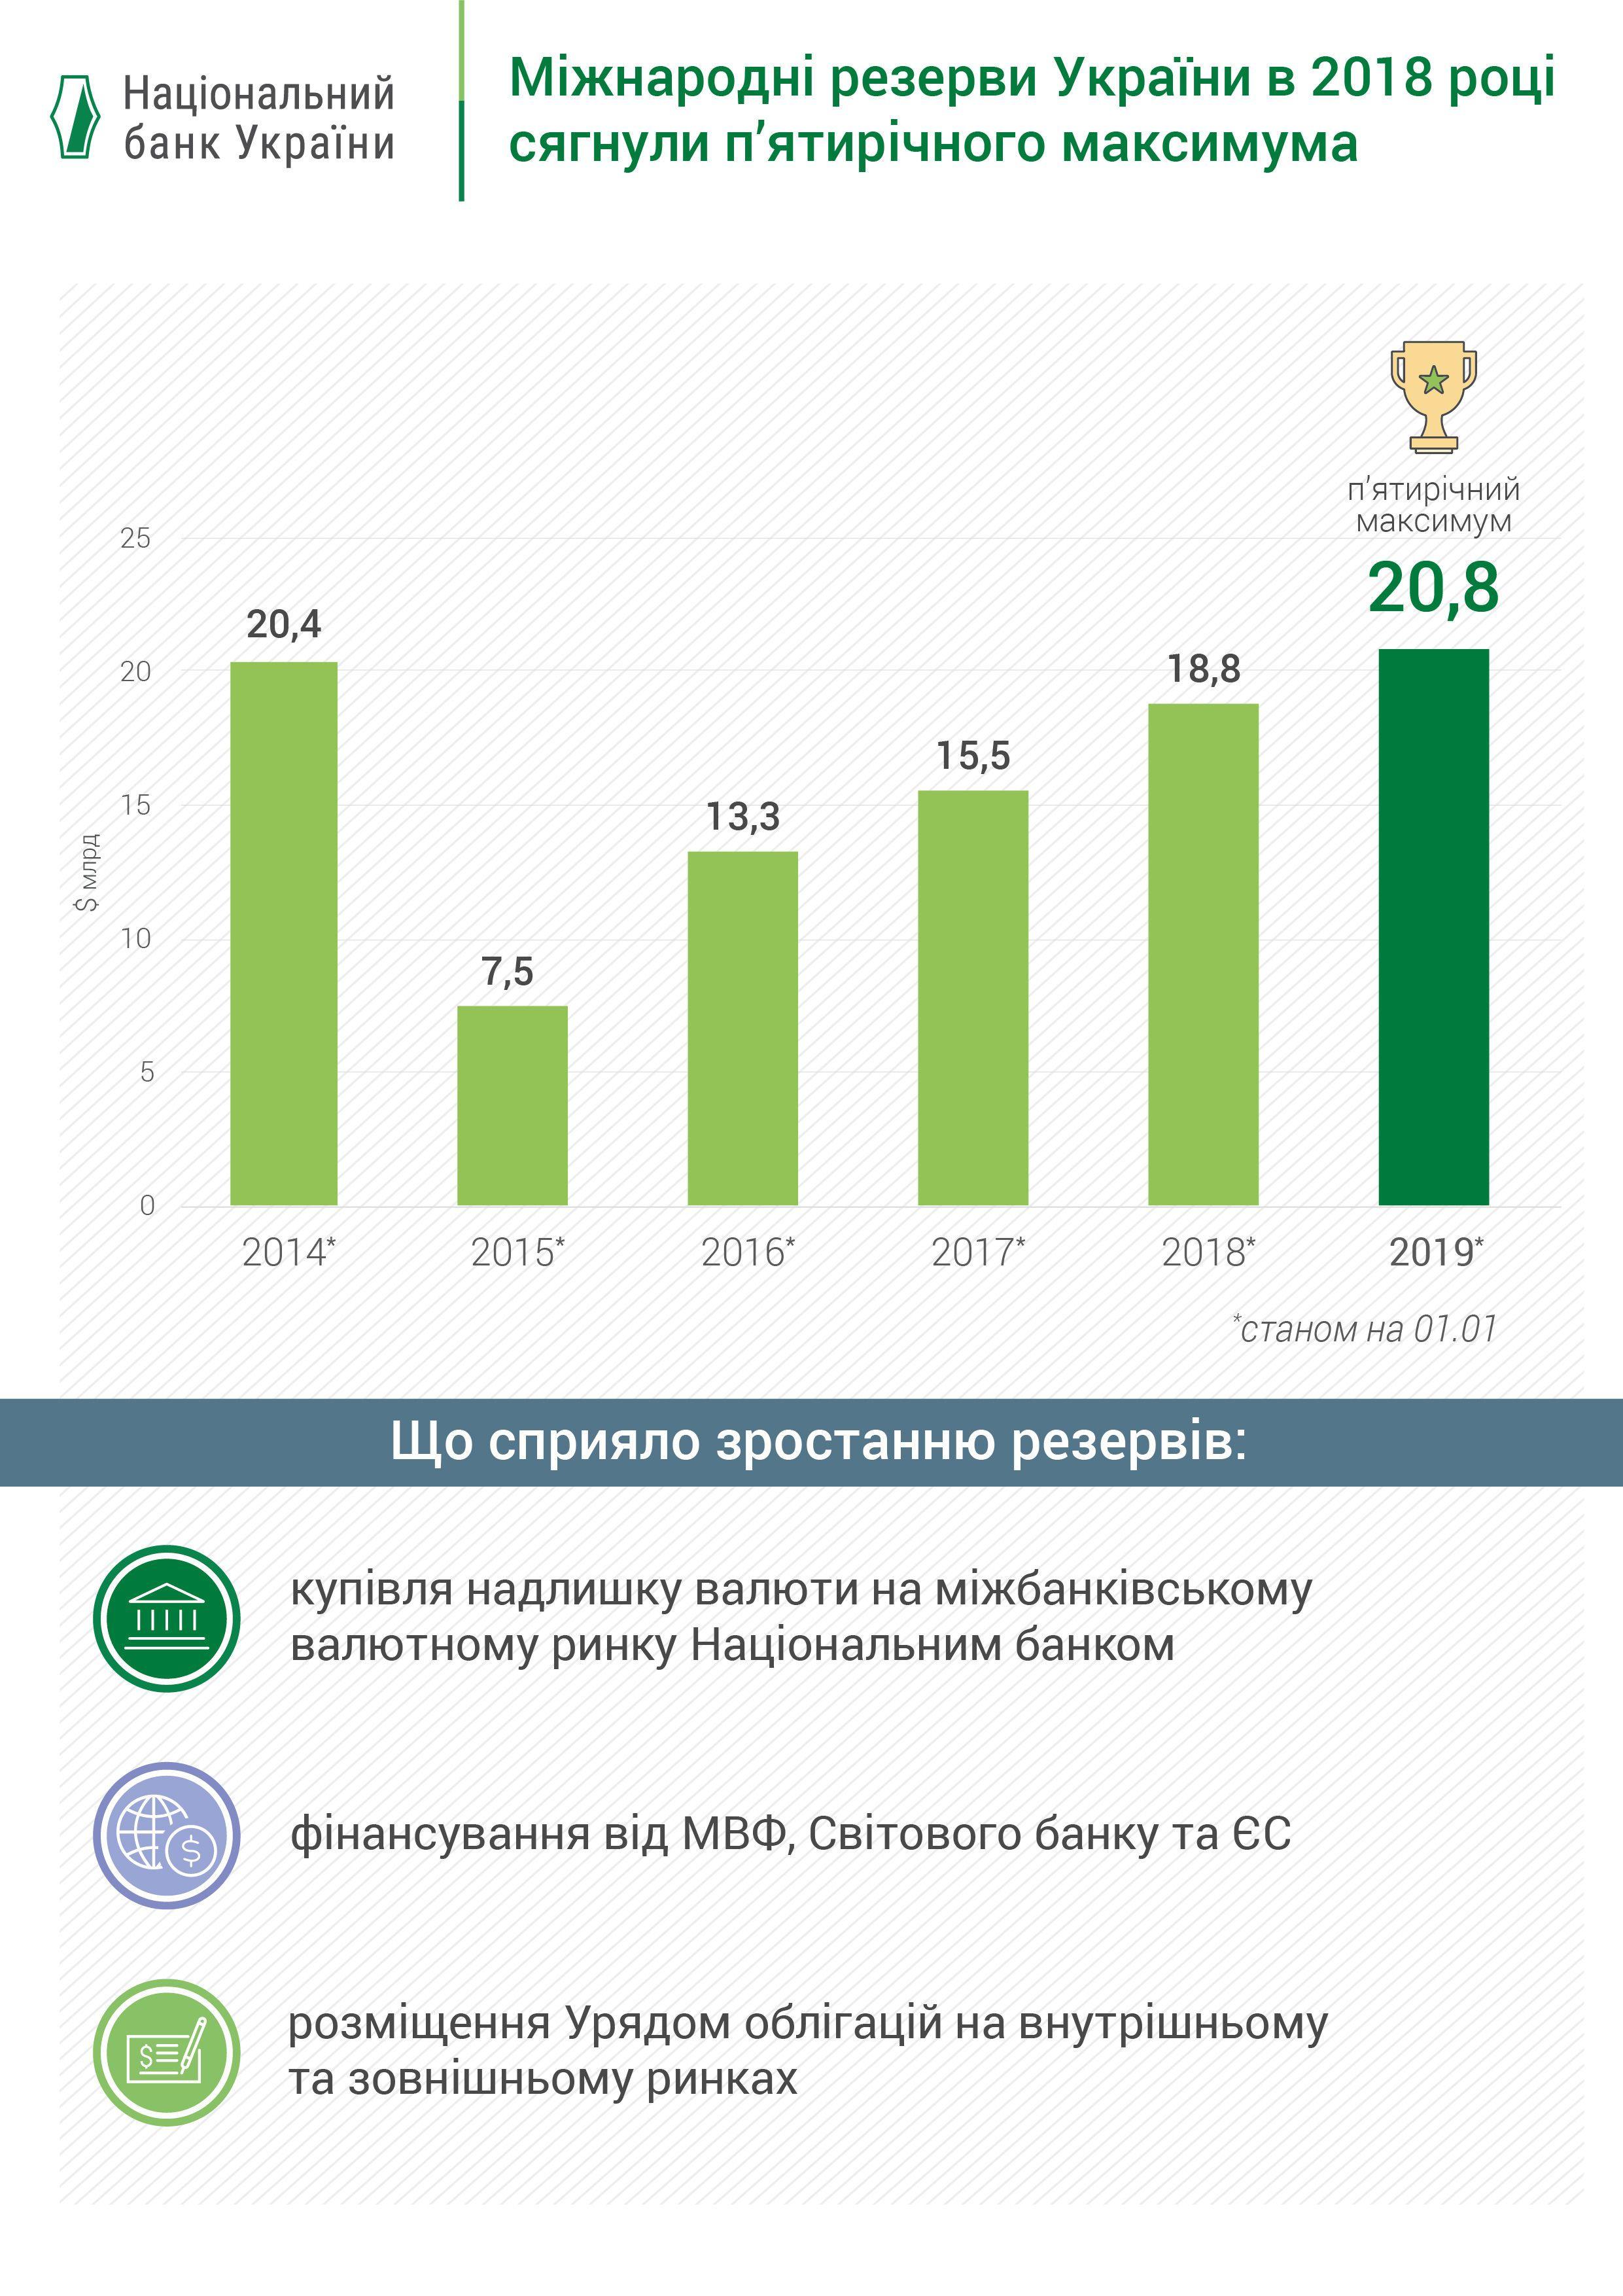 Міжнародні валютні резерви України, інфографіка